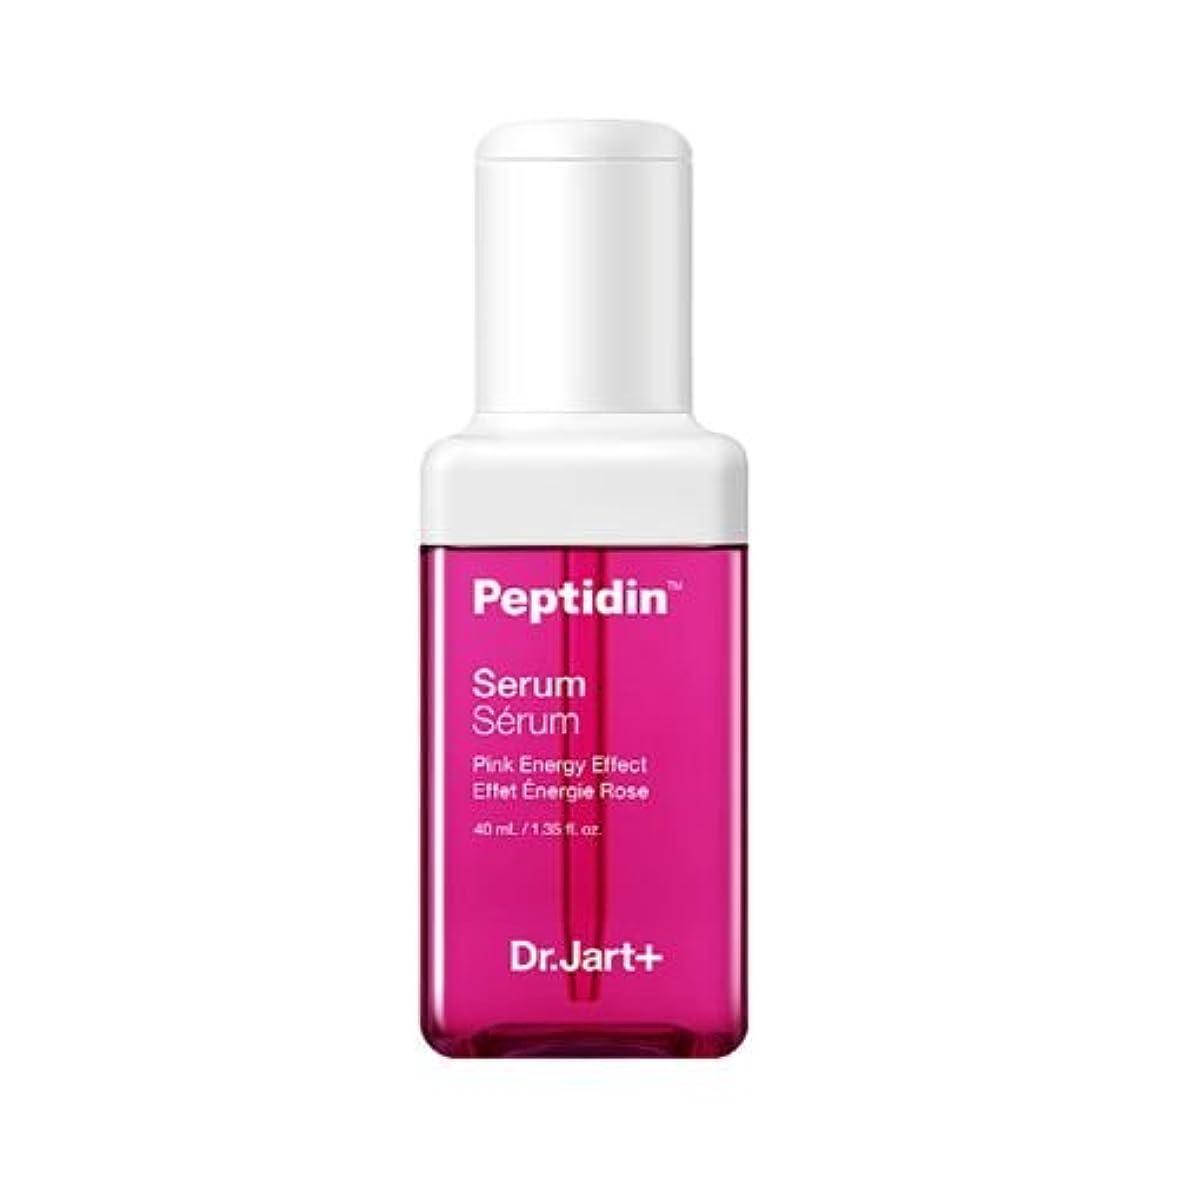 矢印バナナ脱走[DR Jart] Peptidin serum Pink Energy effect ドクタージャルトペプチドディーン セラムピンクエネルギー 40ml[海外直送品] [並行輸入品]